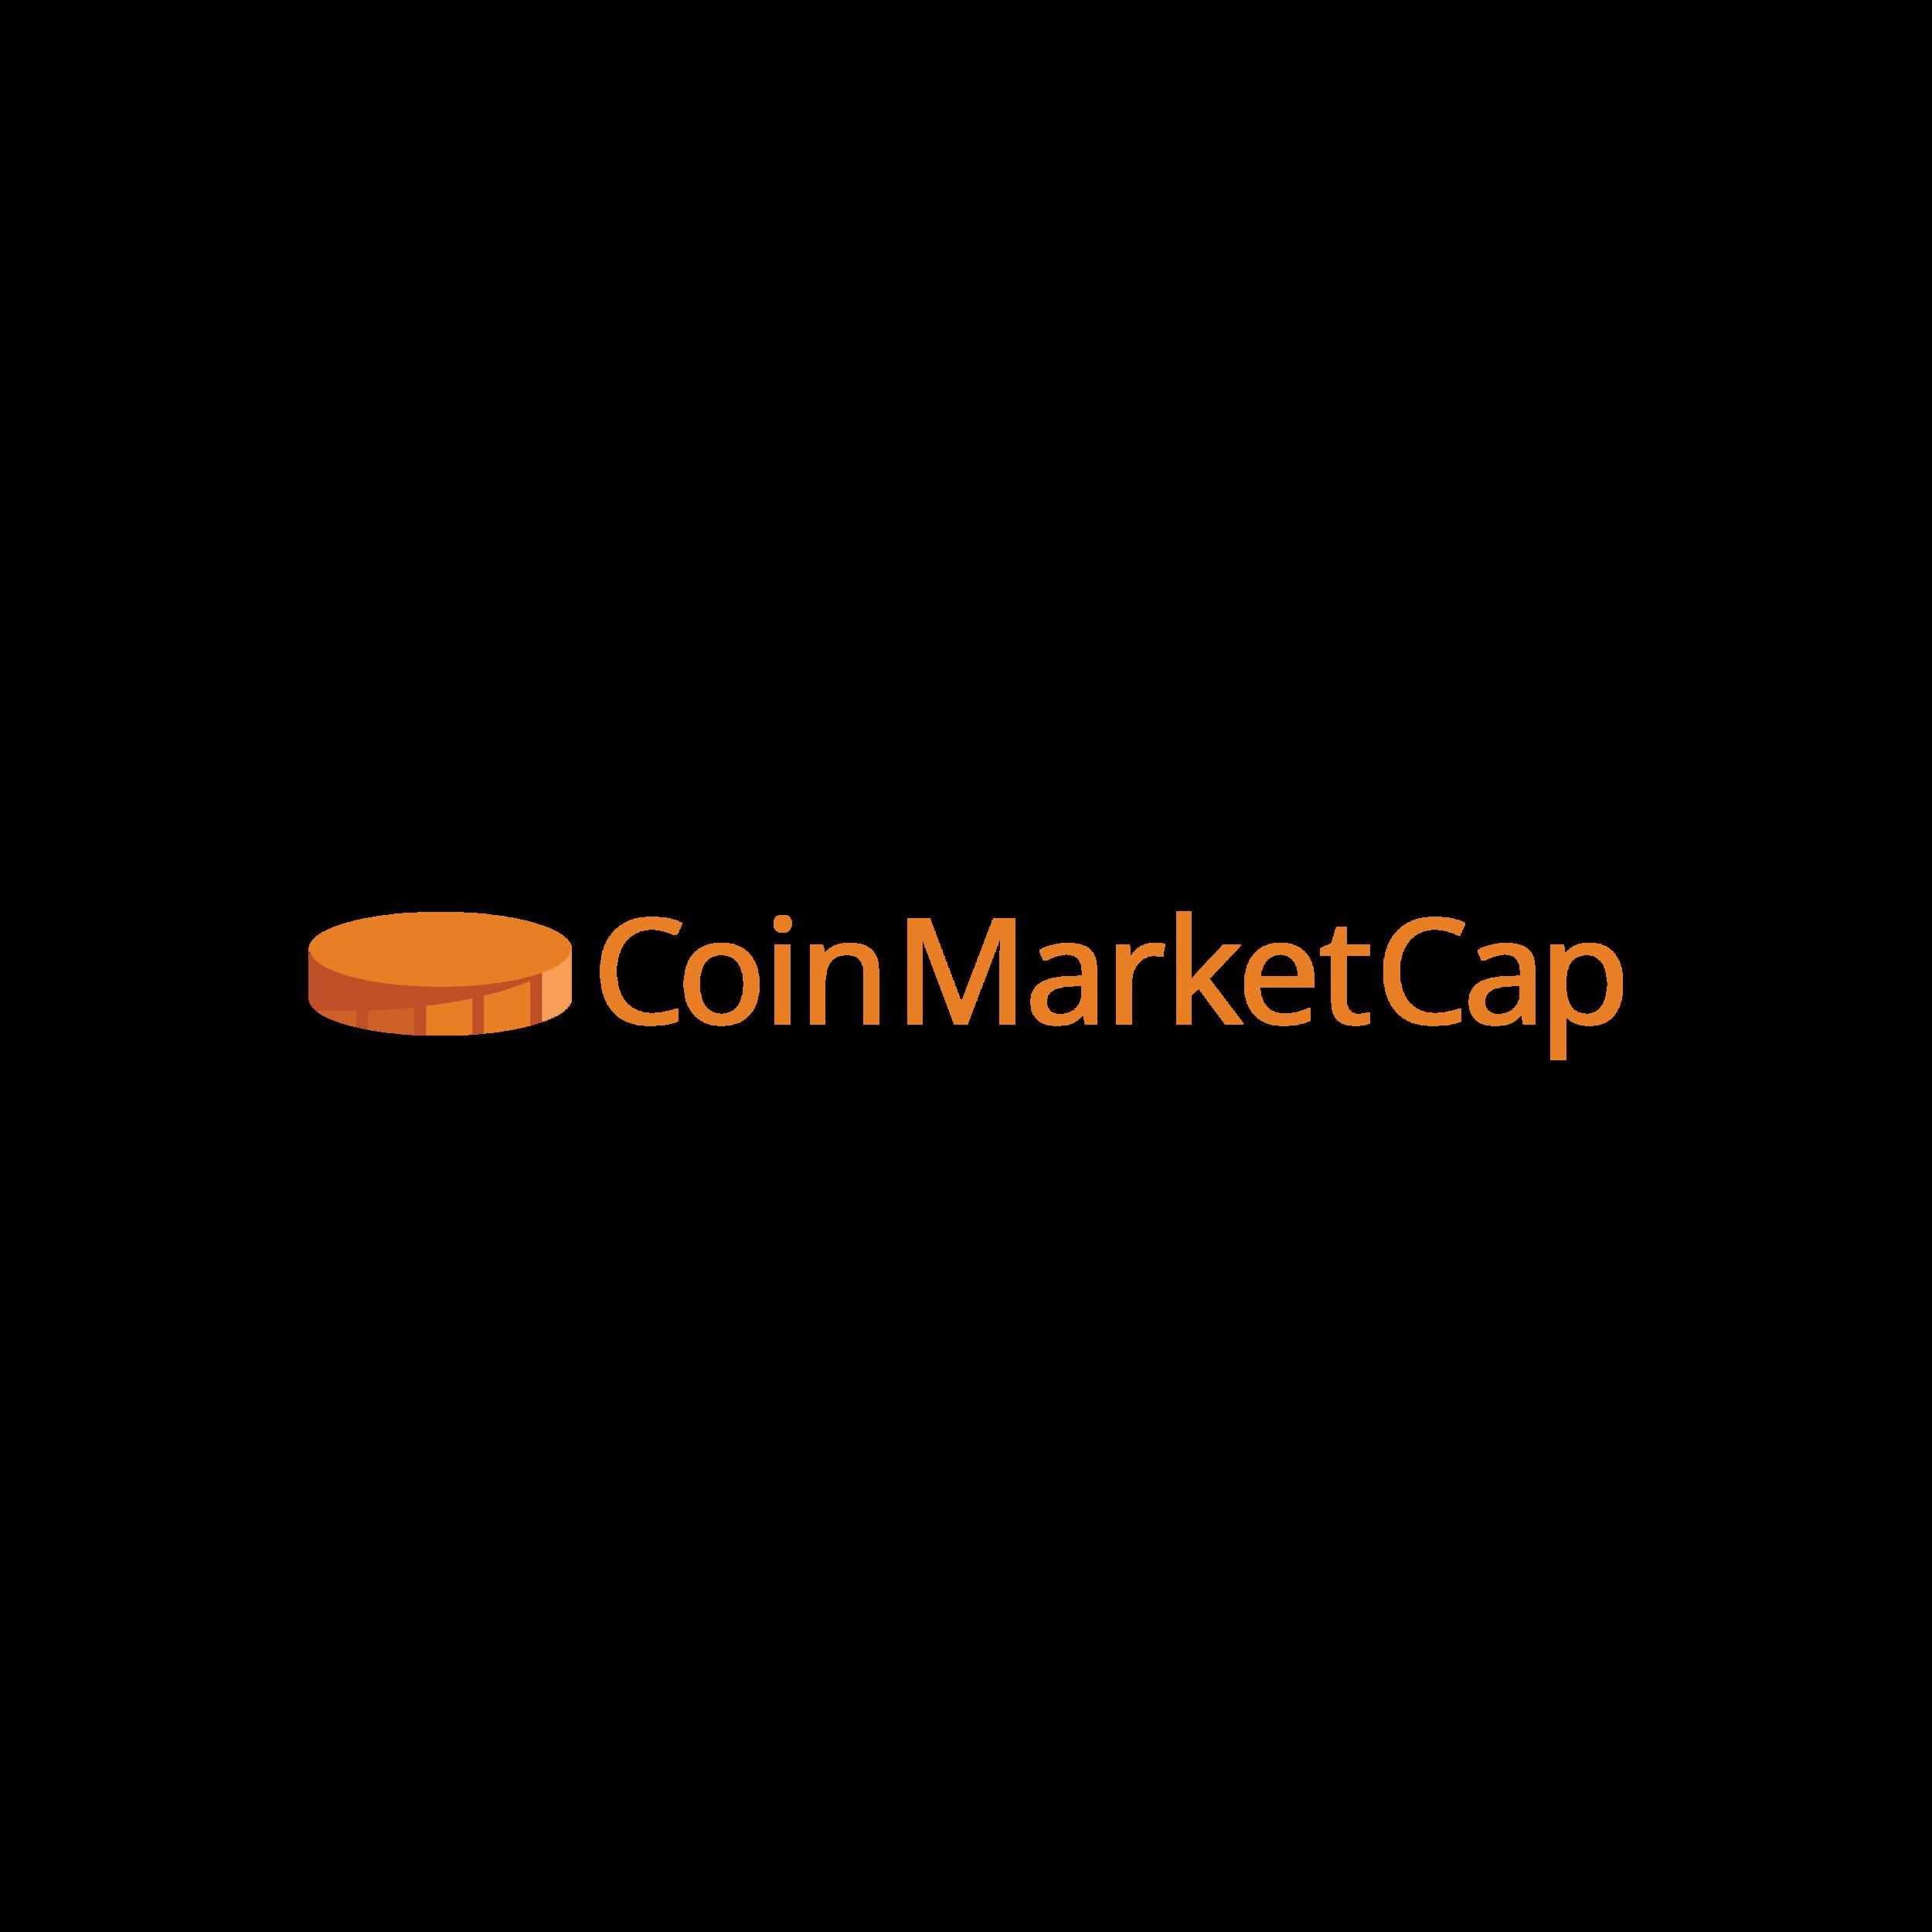 CoinMarketCap Logo Design Entry 2017